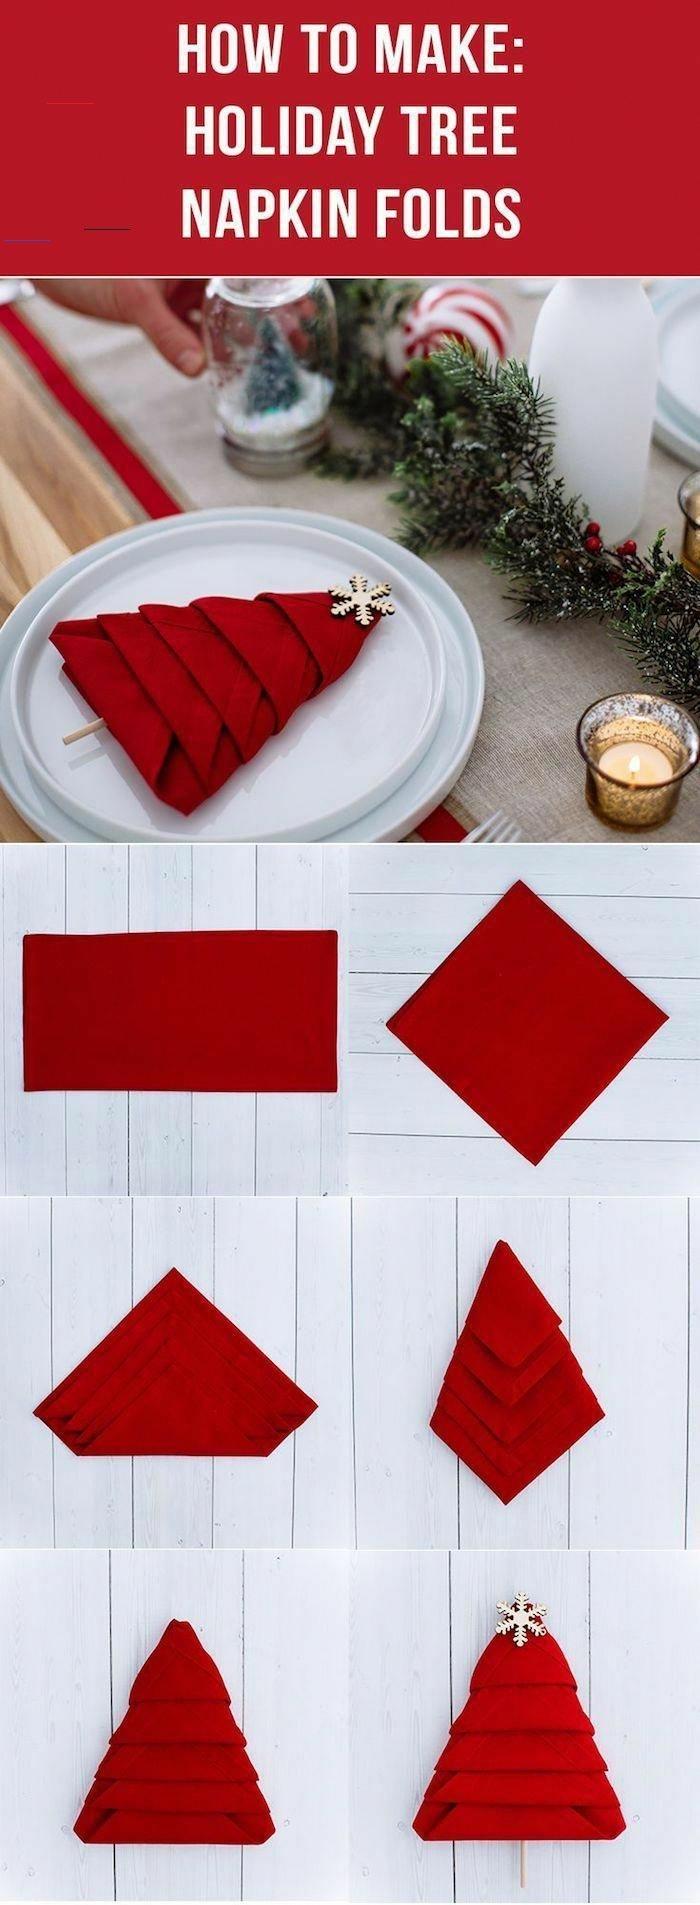 diy erklärung schritt für schritt anleitung weihnachtsservietten falten weihnachtsbau falten serviette kreative bastelidenn